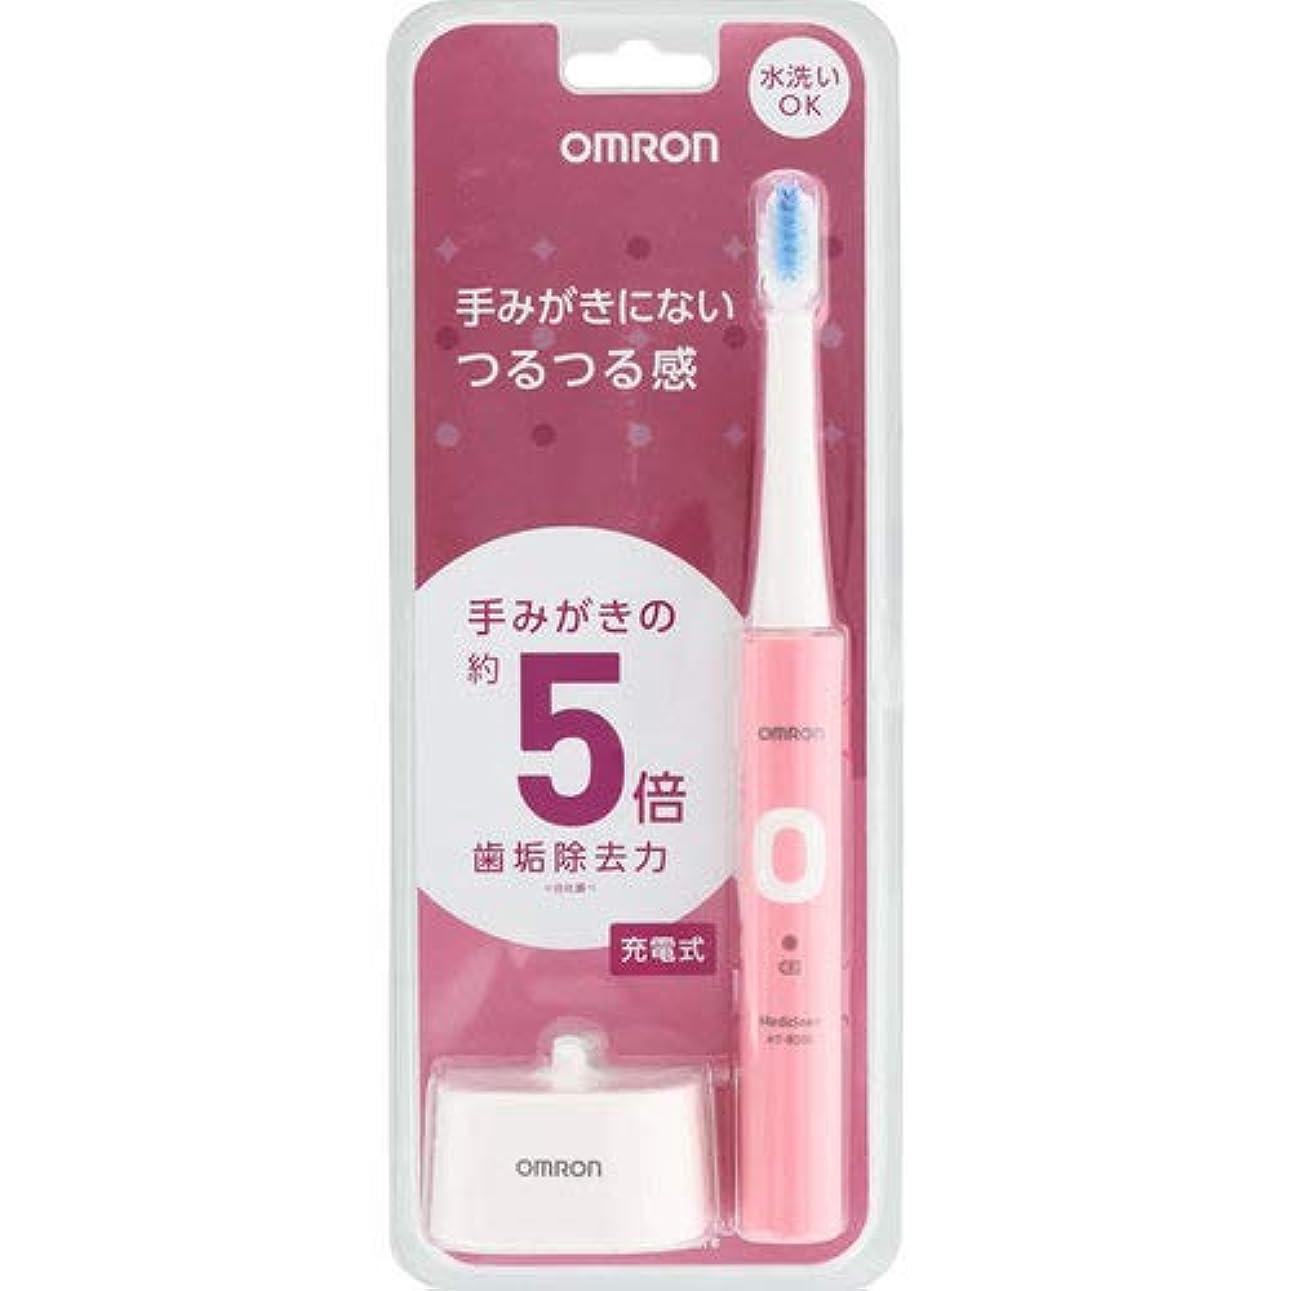 憲法推論くびれたオムロン 電動歯ブラシ HT-B303-PK ピンク 充電式